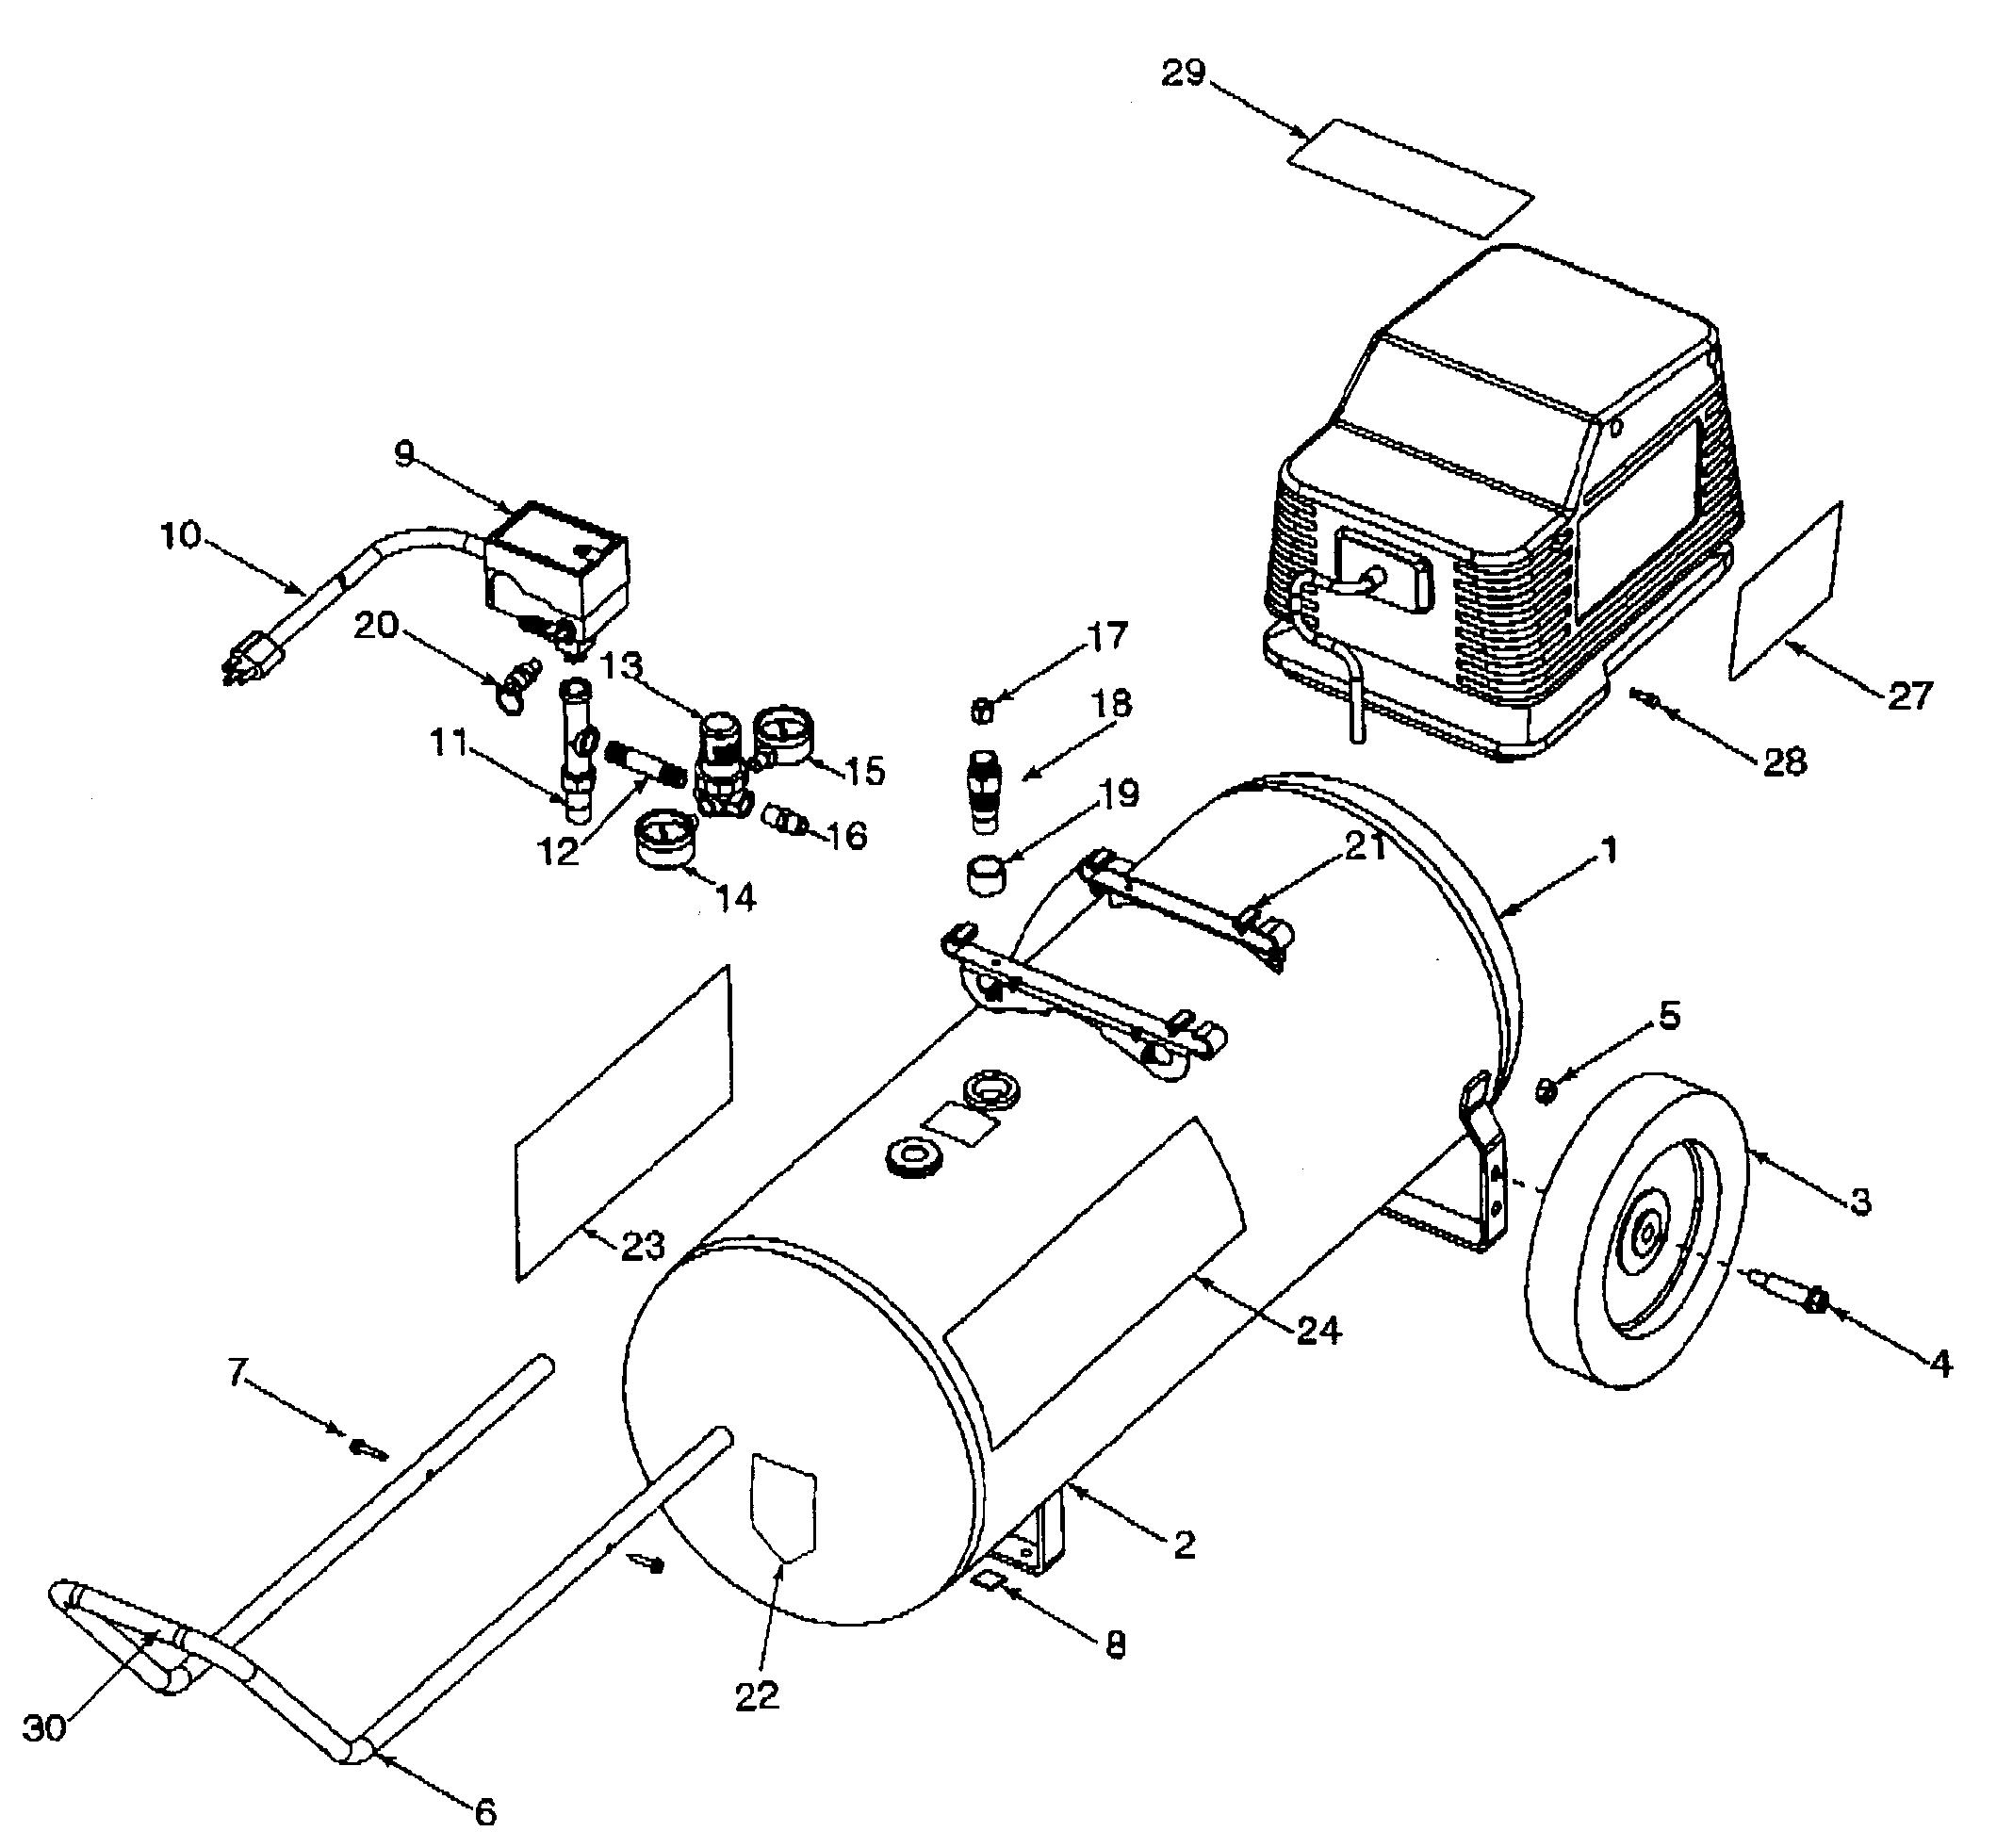 Great craftsman air pressor parts craftsman air pressor parts 2136 x 1961 · 45 kb ·